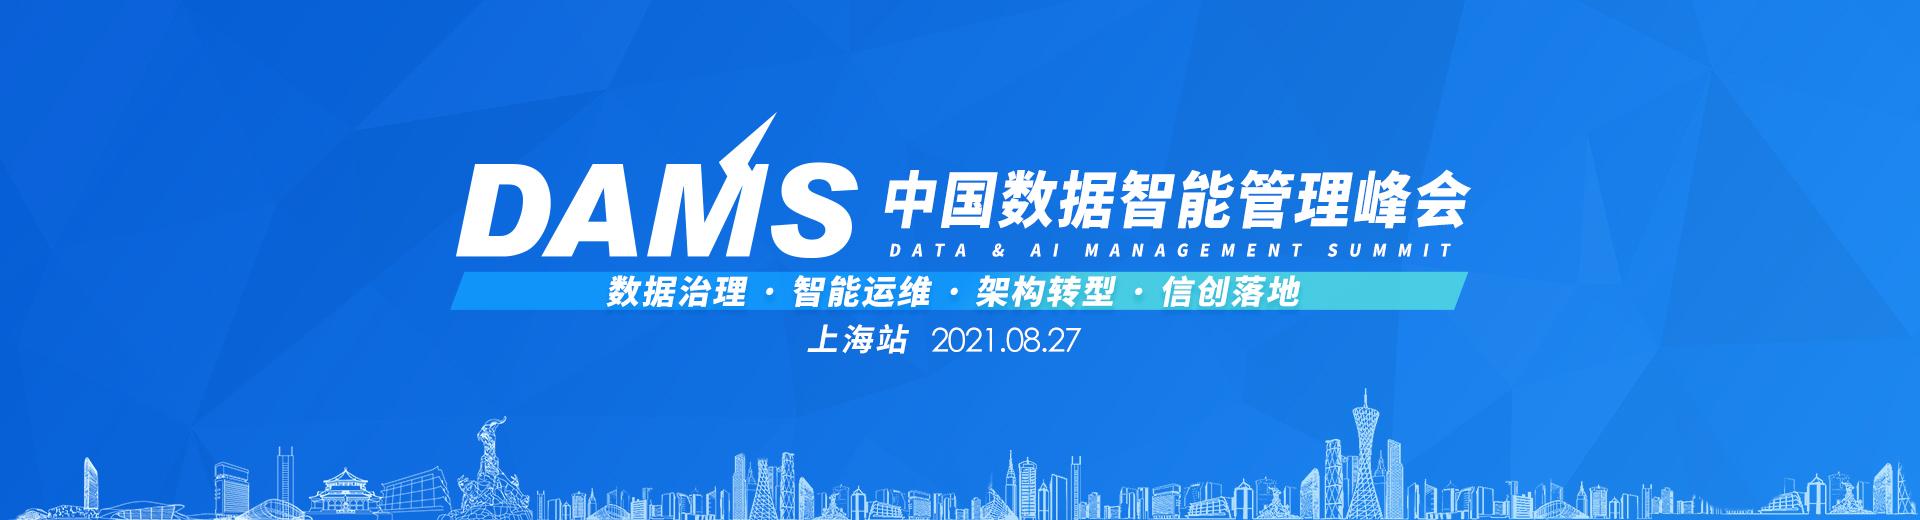 2021年DAMS中国数据智能管理峰会-上海站